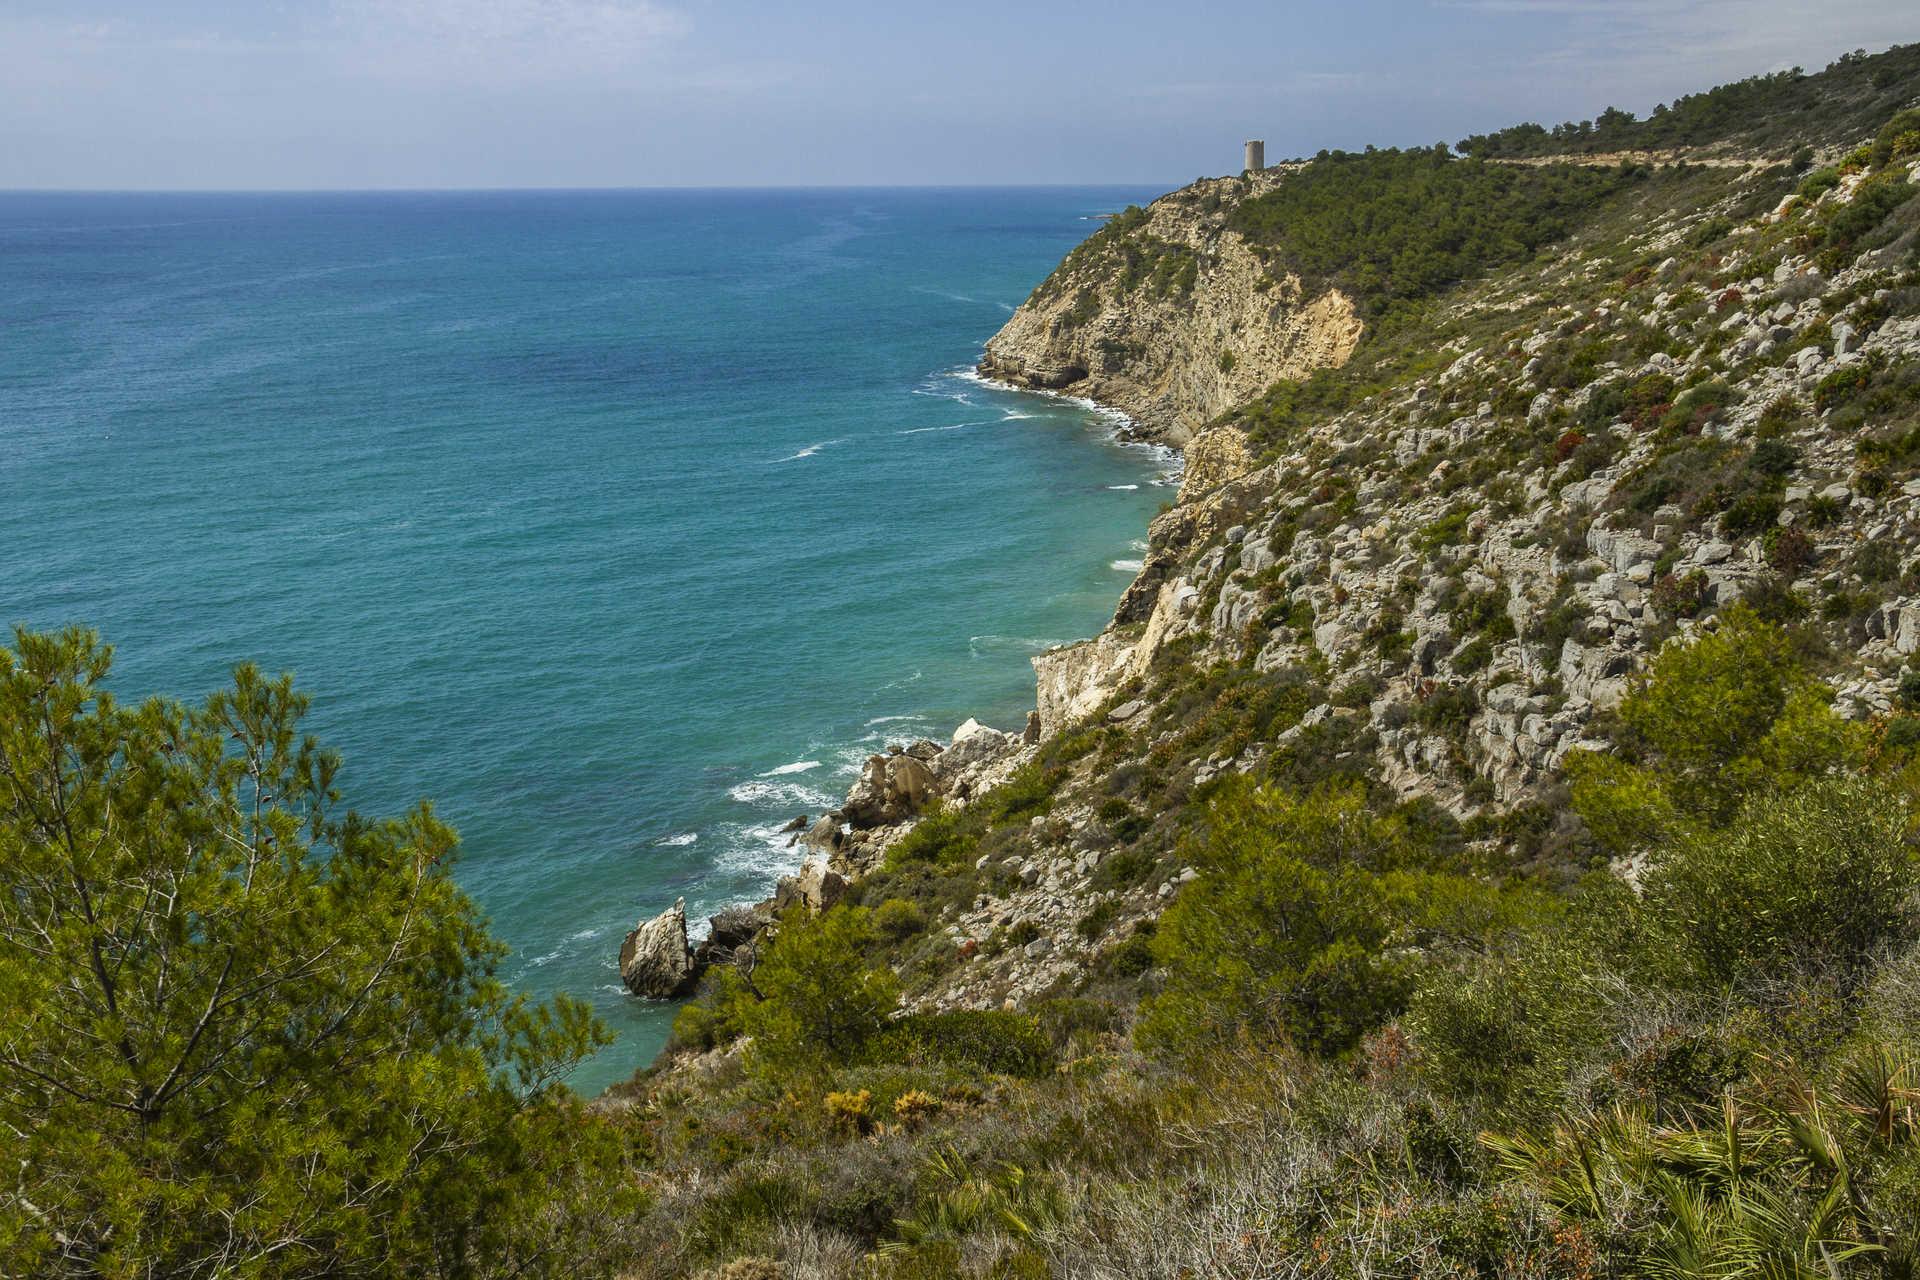 La Reserva Natural Marina de Irta